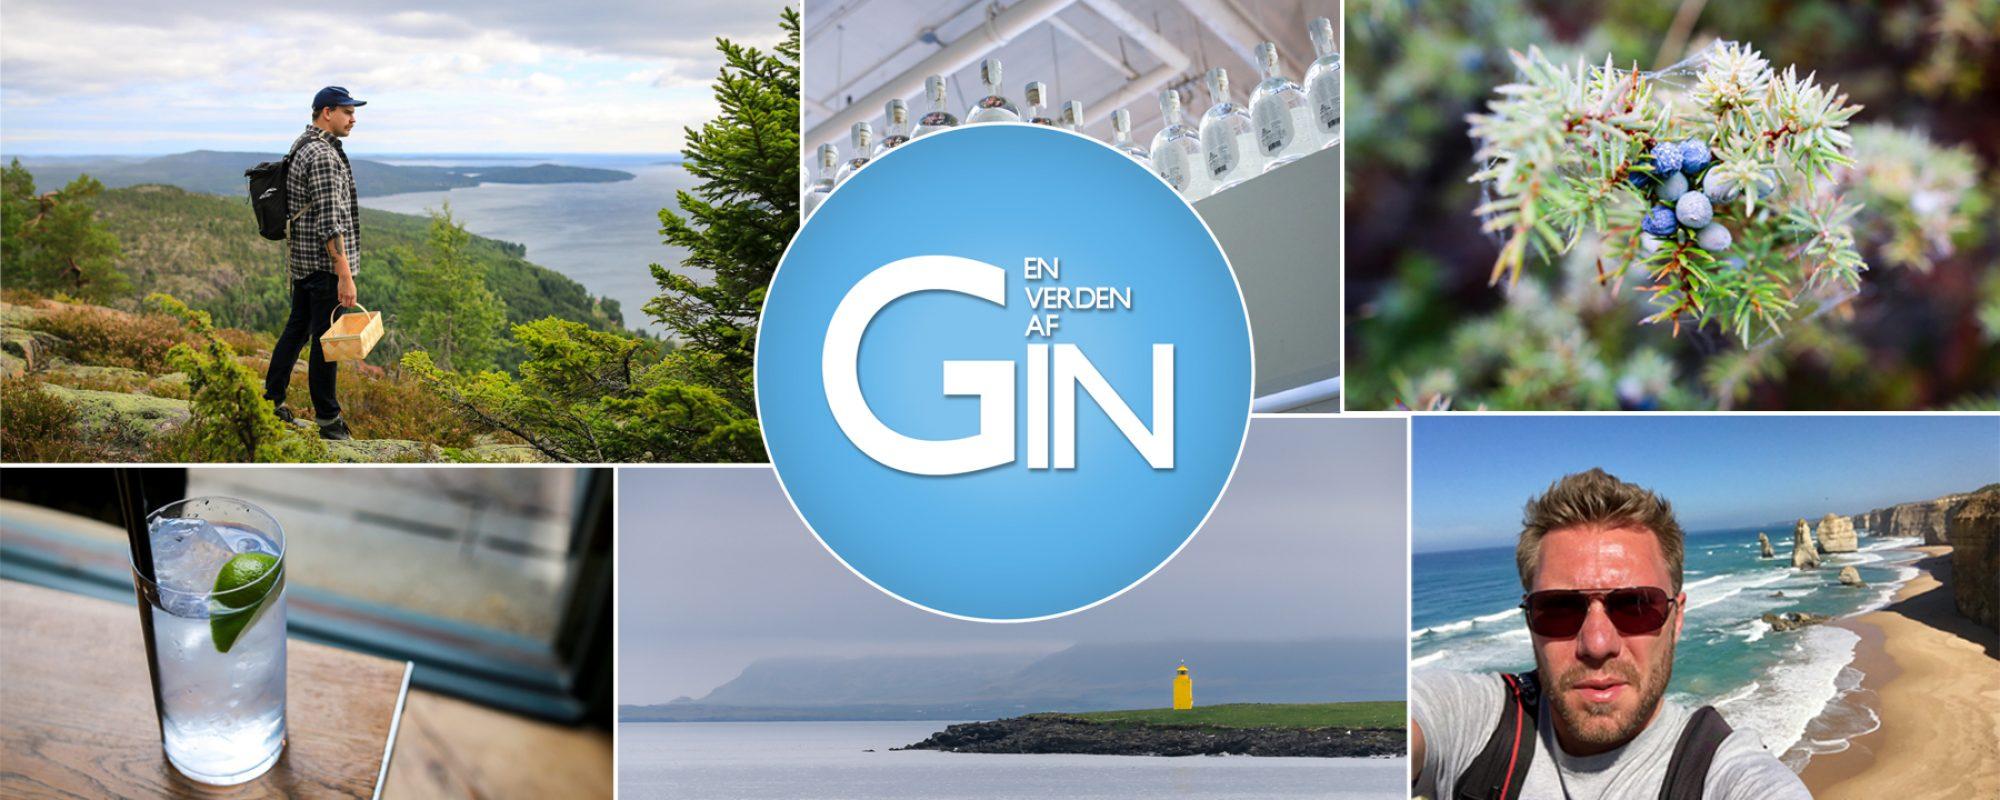 En Verden af Gin